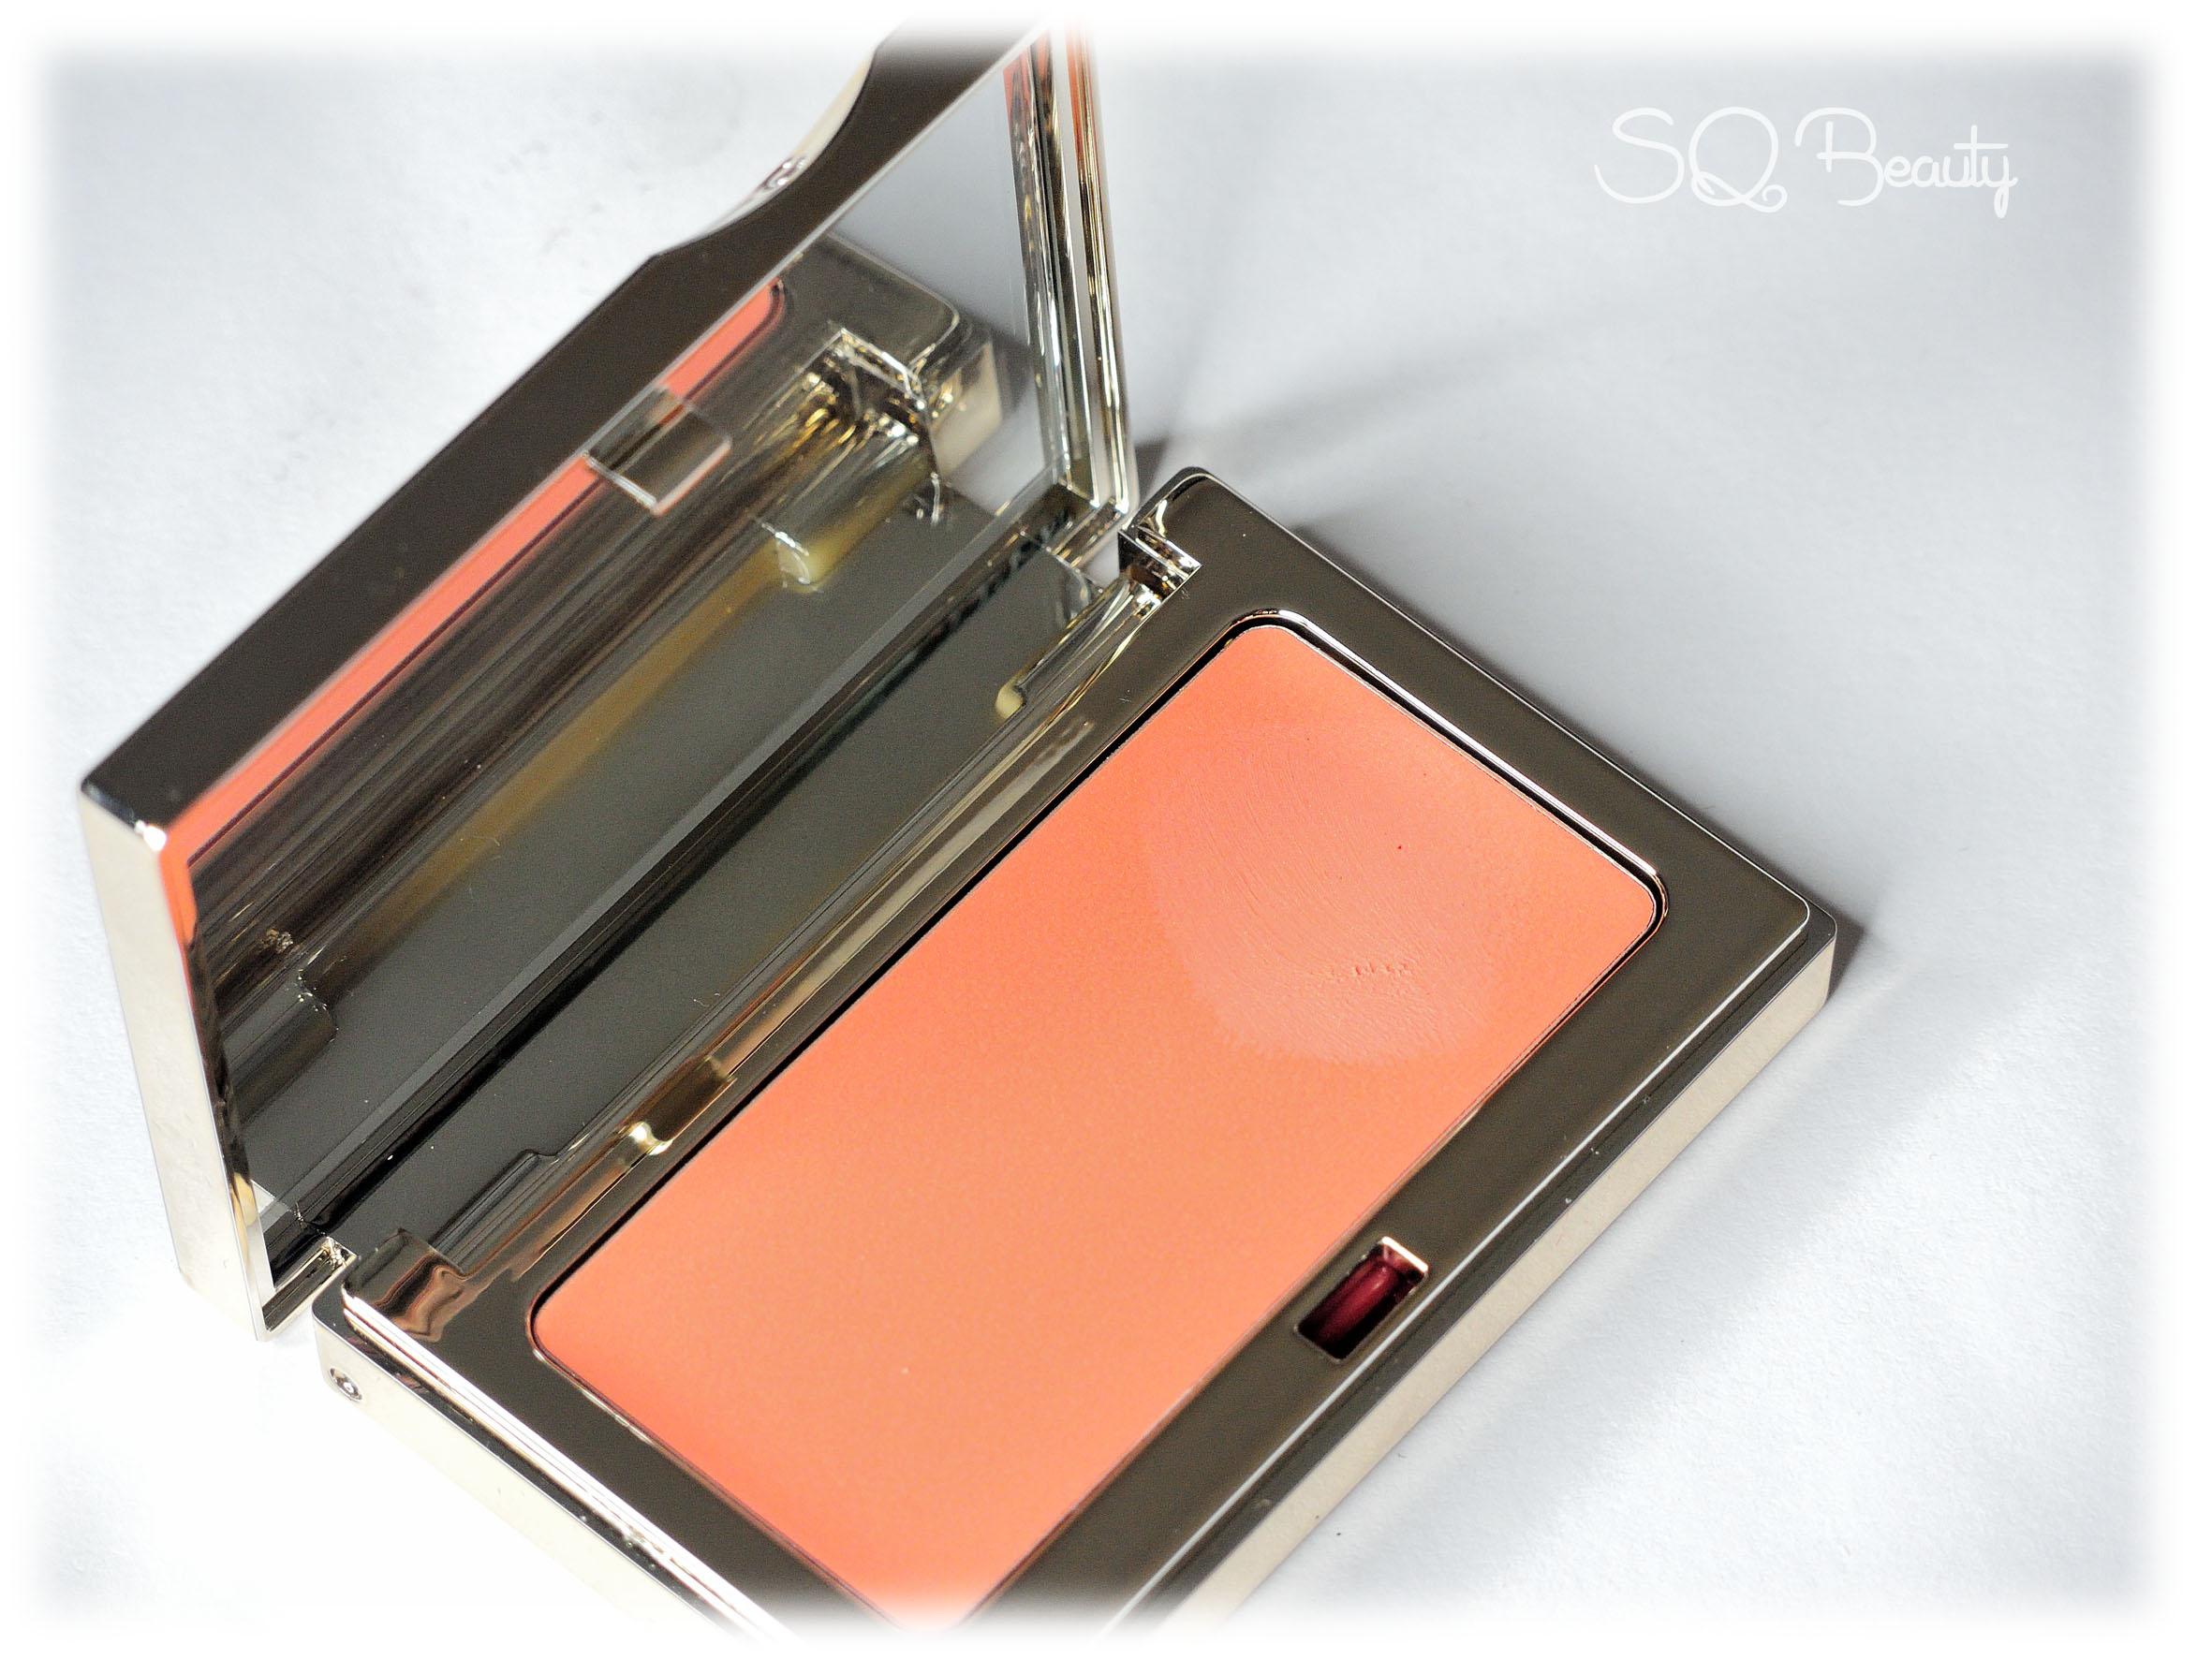 Nueva colección Clarins Opalescence maquillaje makeup Silvia Quiros SQ Beauty